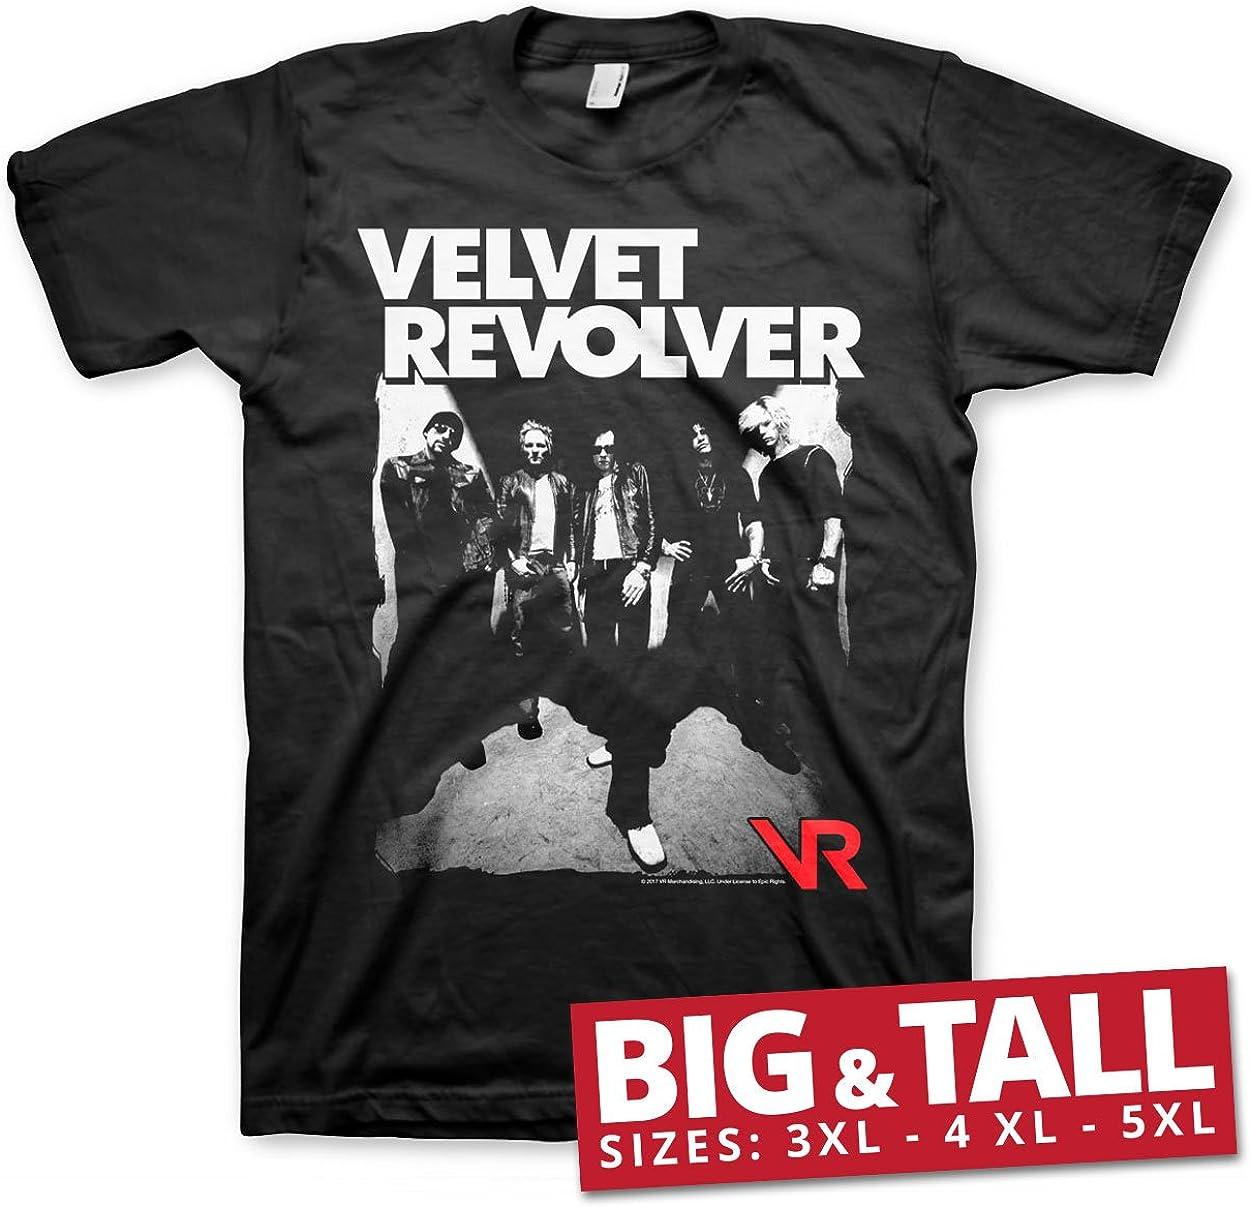 Velvet Revolver Oficialmente Licenciado Big & Tall 3XL, 4XL, 5XL Camiseta para Hombre (Negro): Amazon.es: Ropa y accesorios